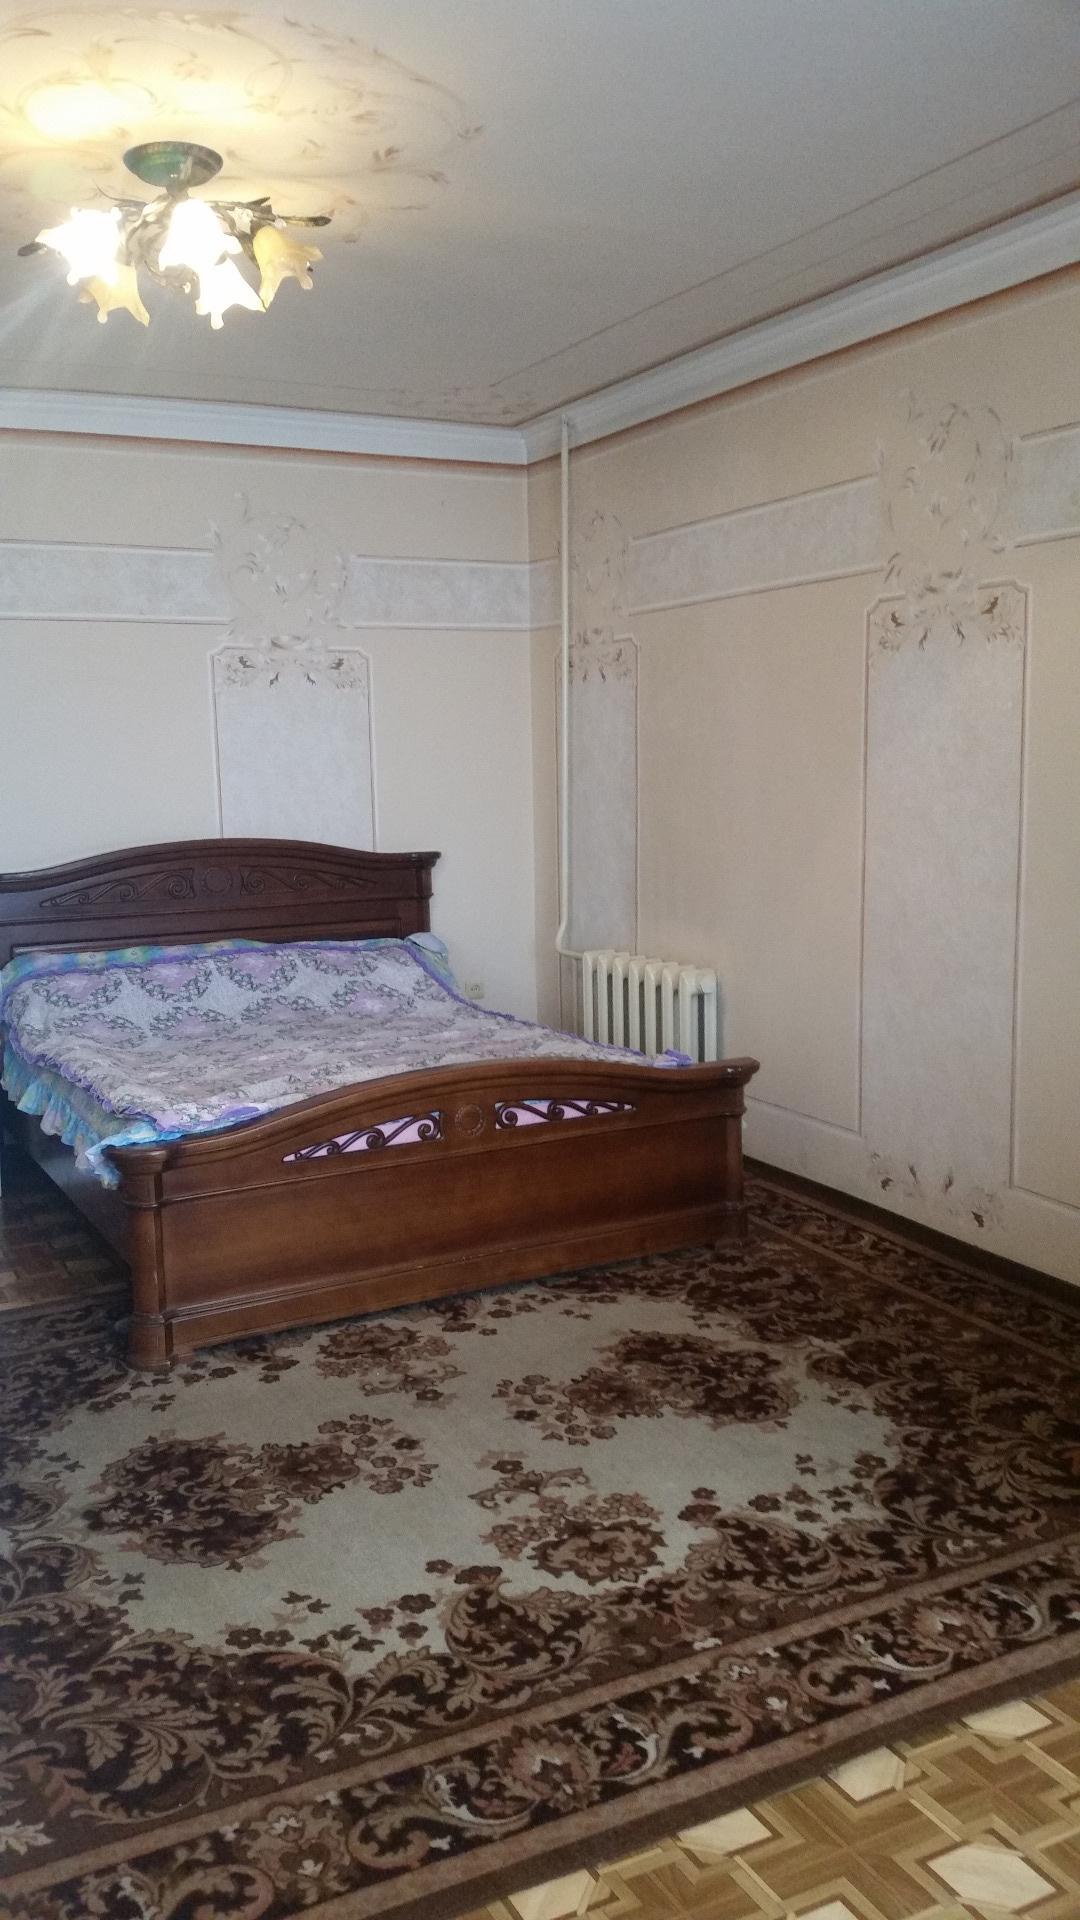 Продается 4-комнатная Квартира на ул. Королева Ак. — 65 000 у.е. (фото №12)